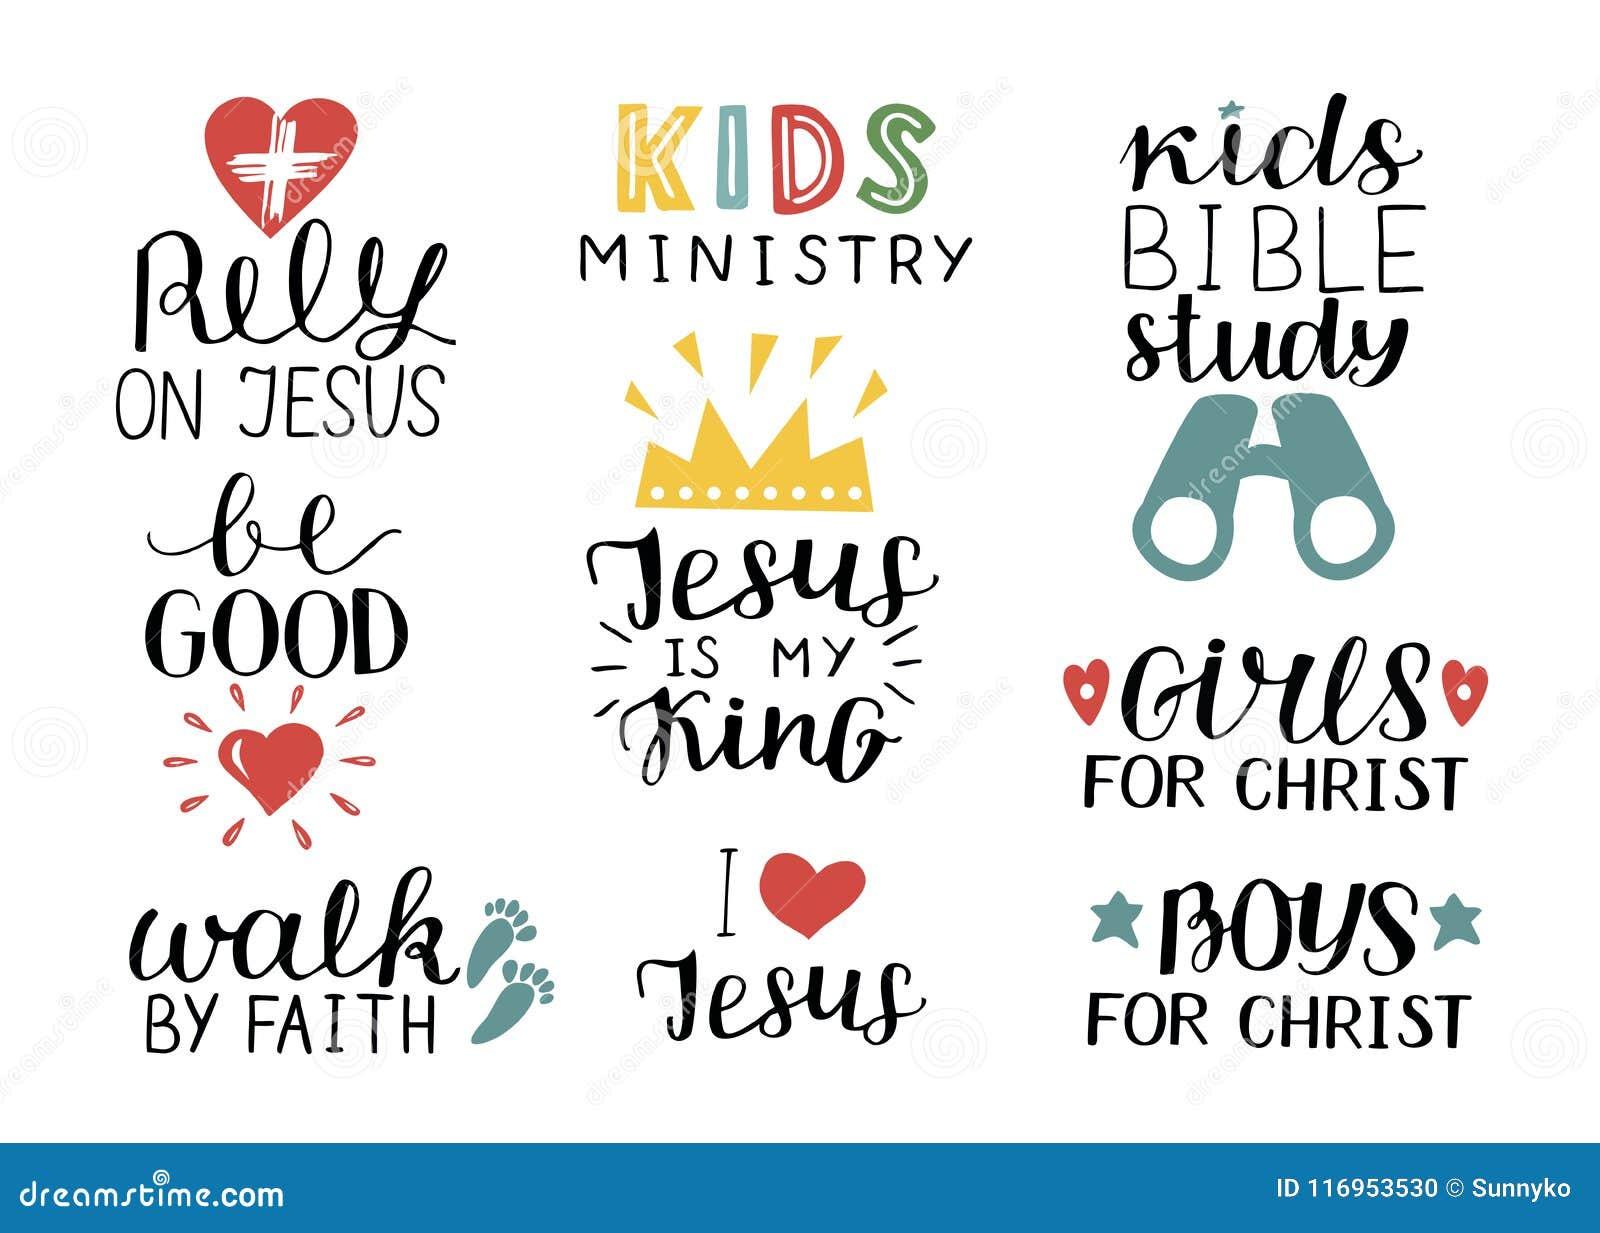 套9手字法基督徒行情耶稣是我的国王,依靠,孩子圣经研究,是好,女孩,男孩,由信念的步行